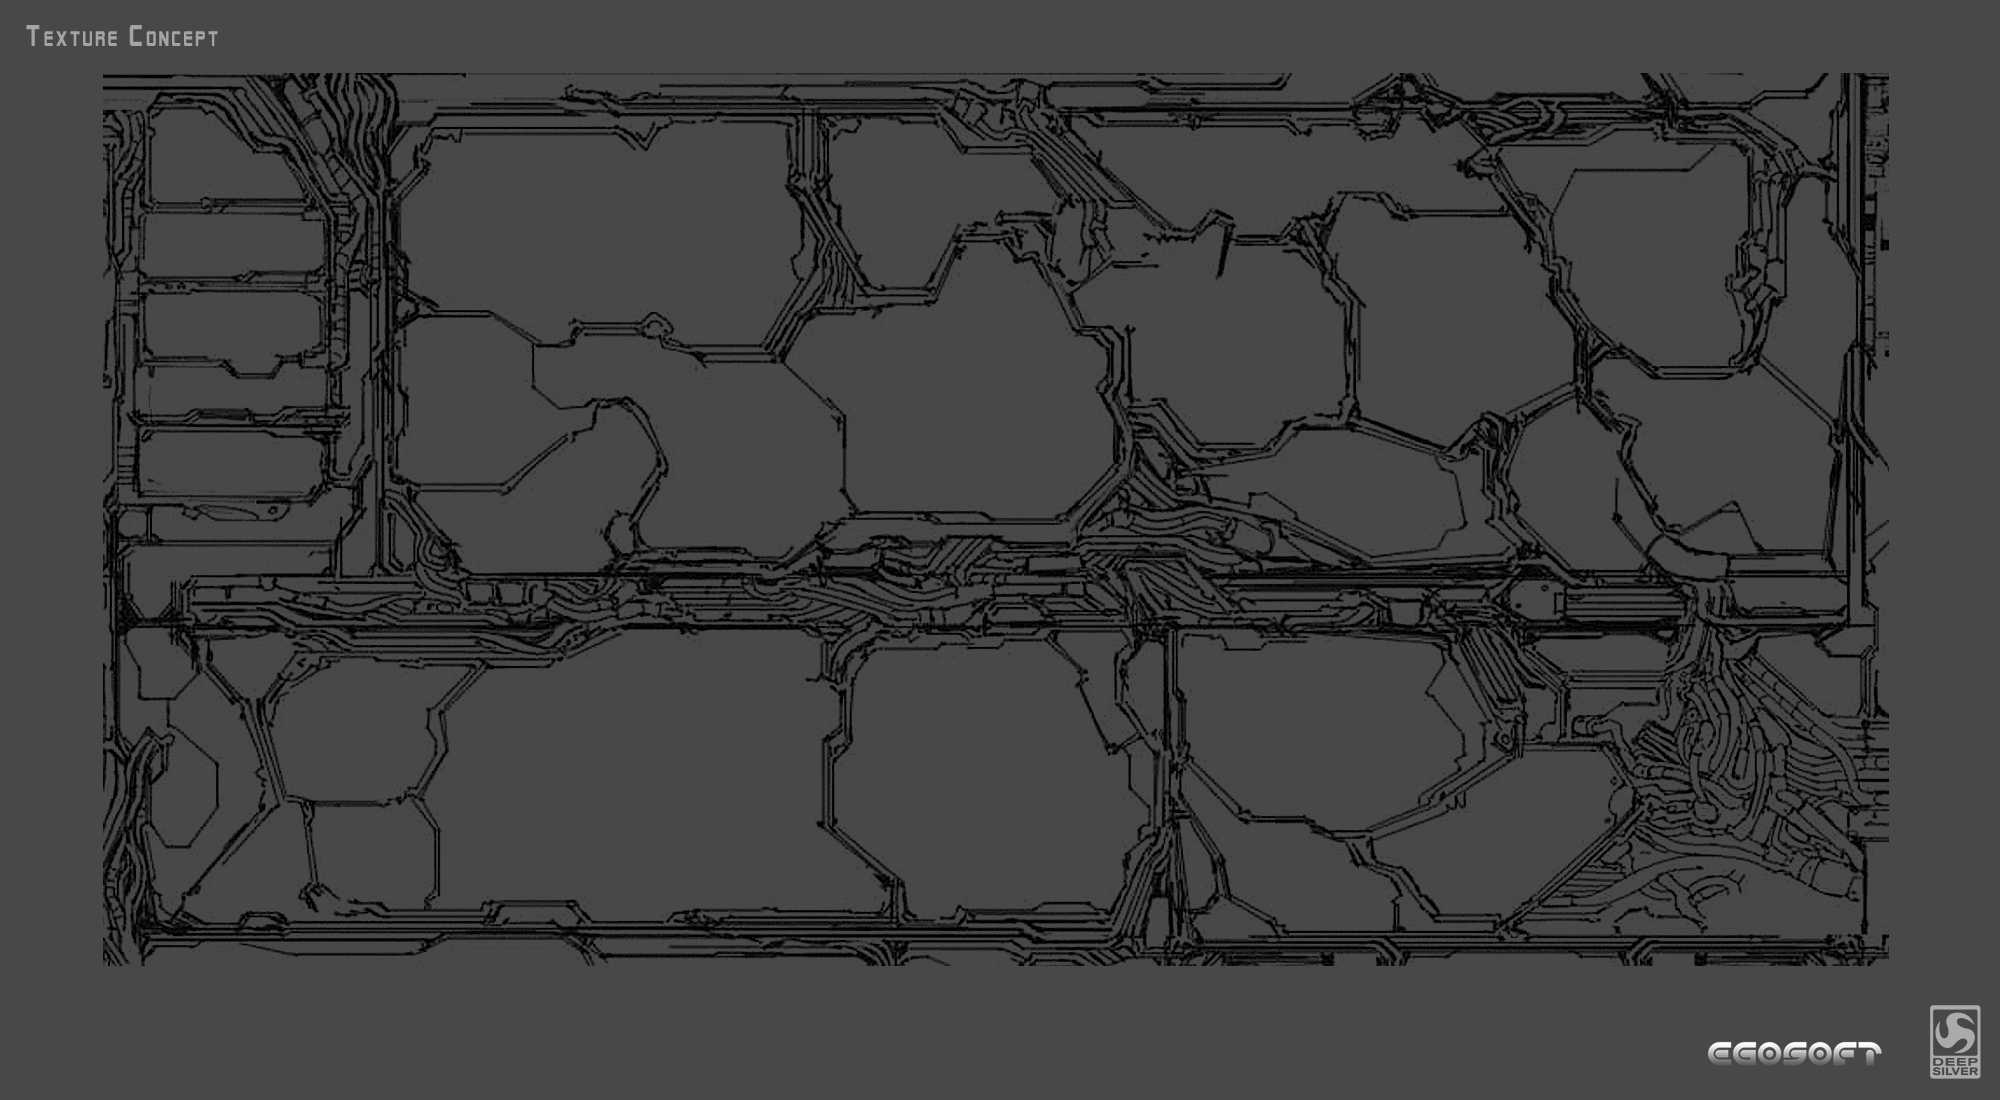 xenon_texture_01